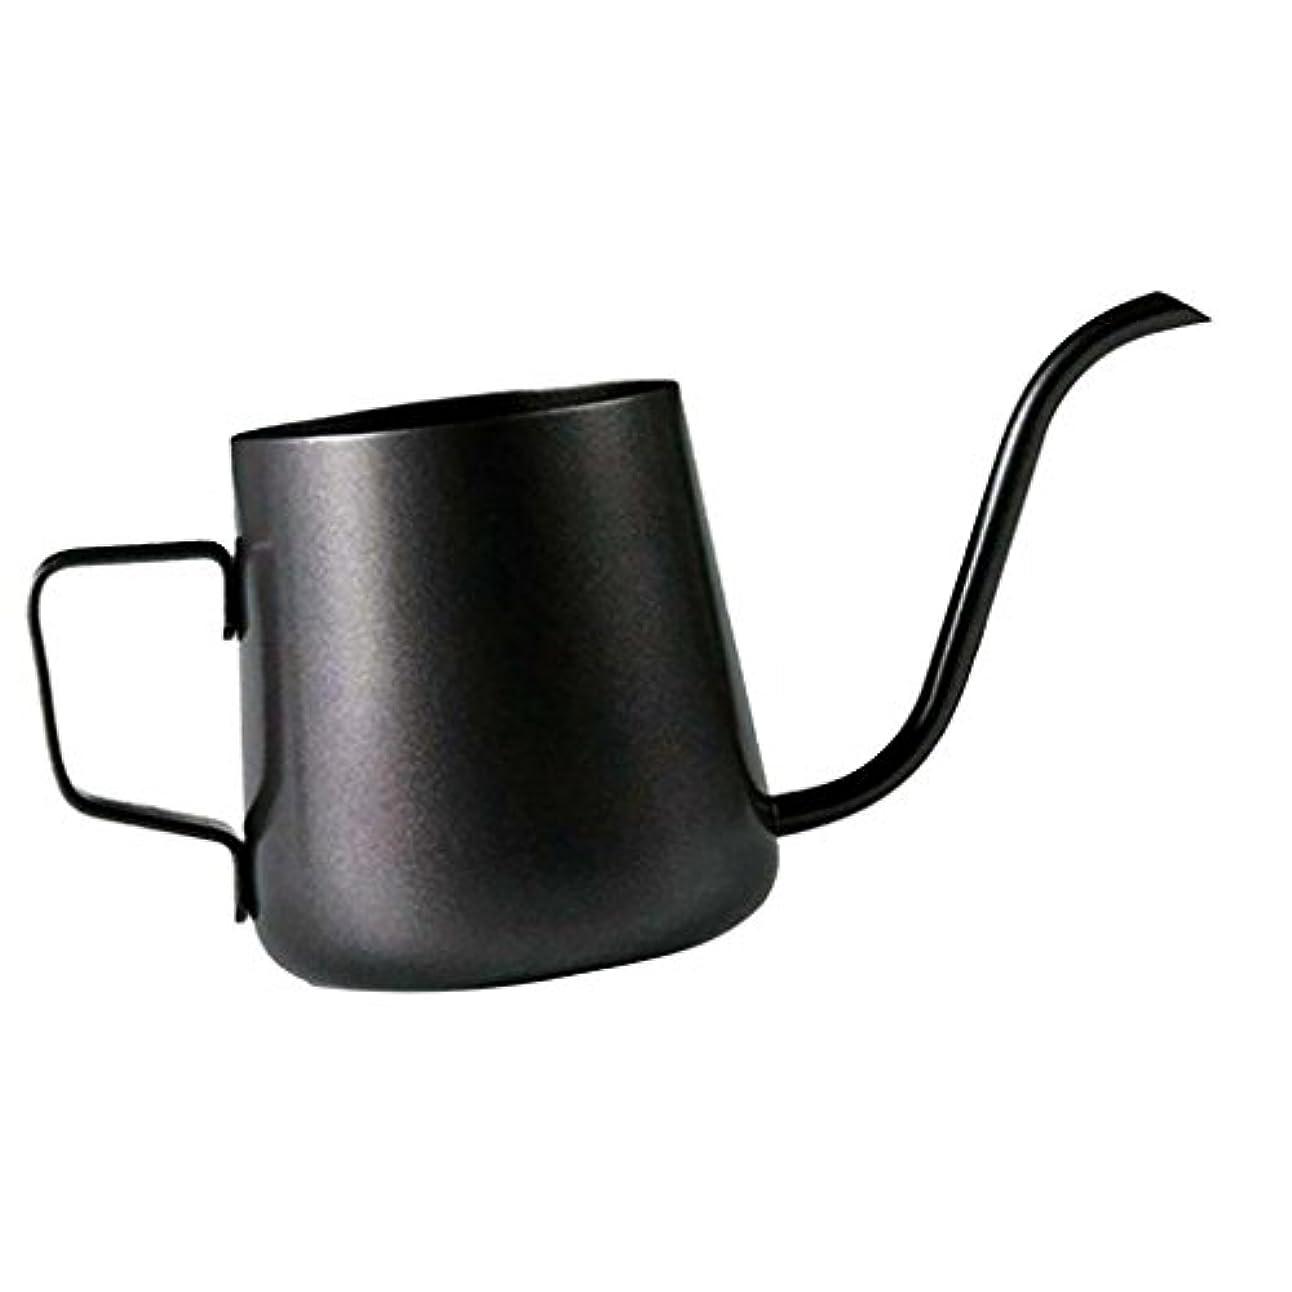 ファシズム依存書くHomeland コーヒーポット お茶などにも対応 クッキング用品 ステンレス製 エスプレッソポット ケトル - ブラック, 250ミリリットル